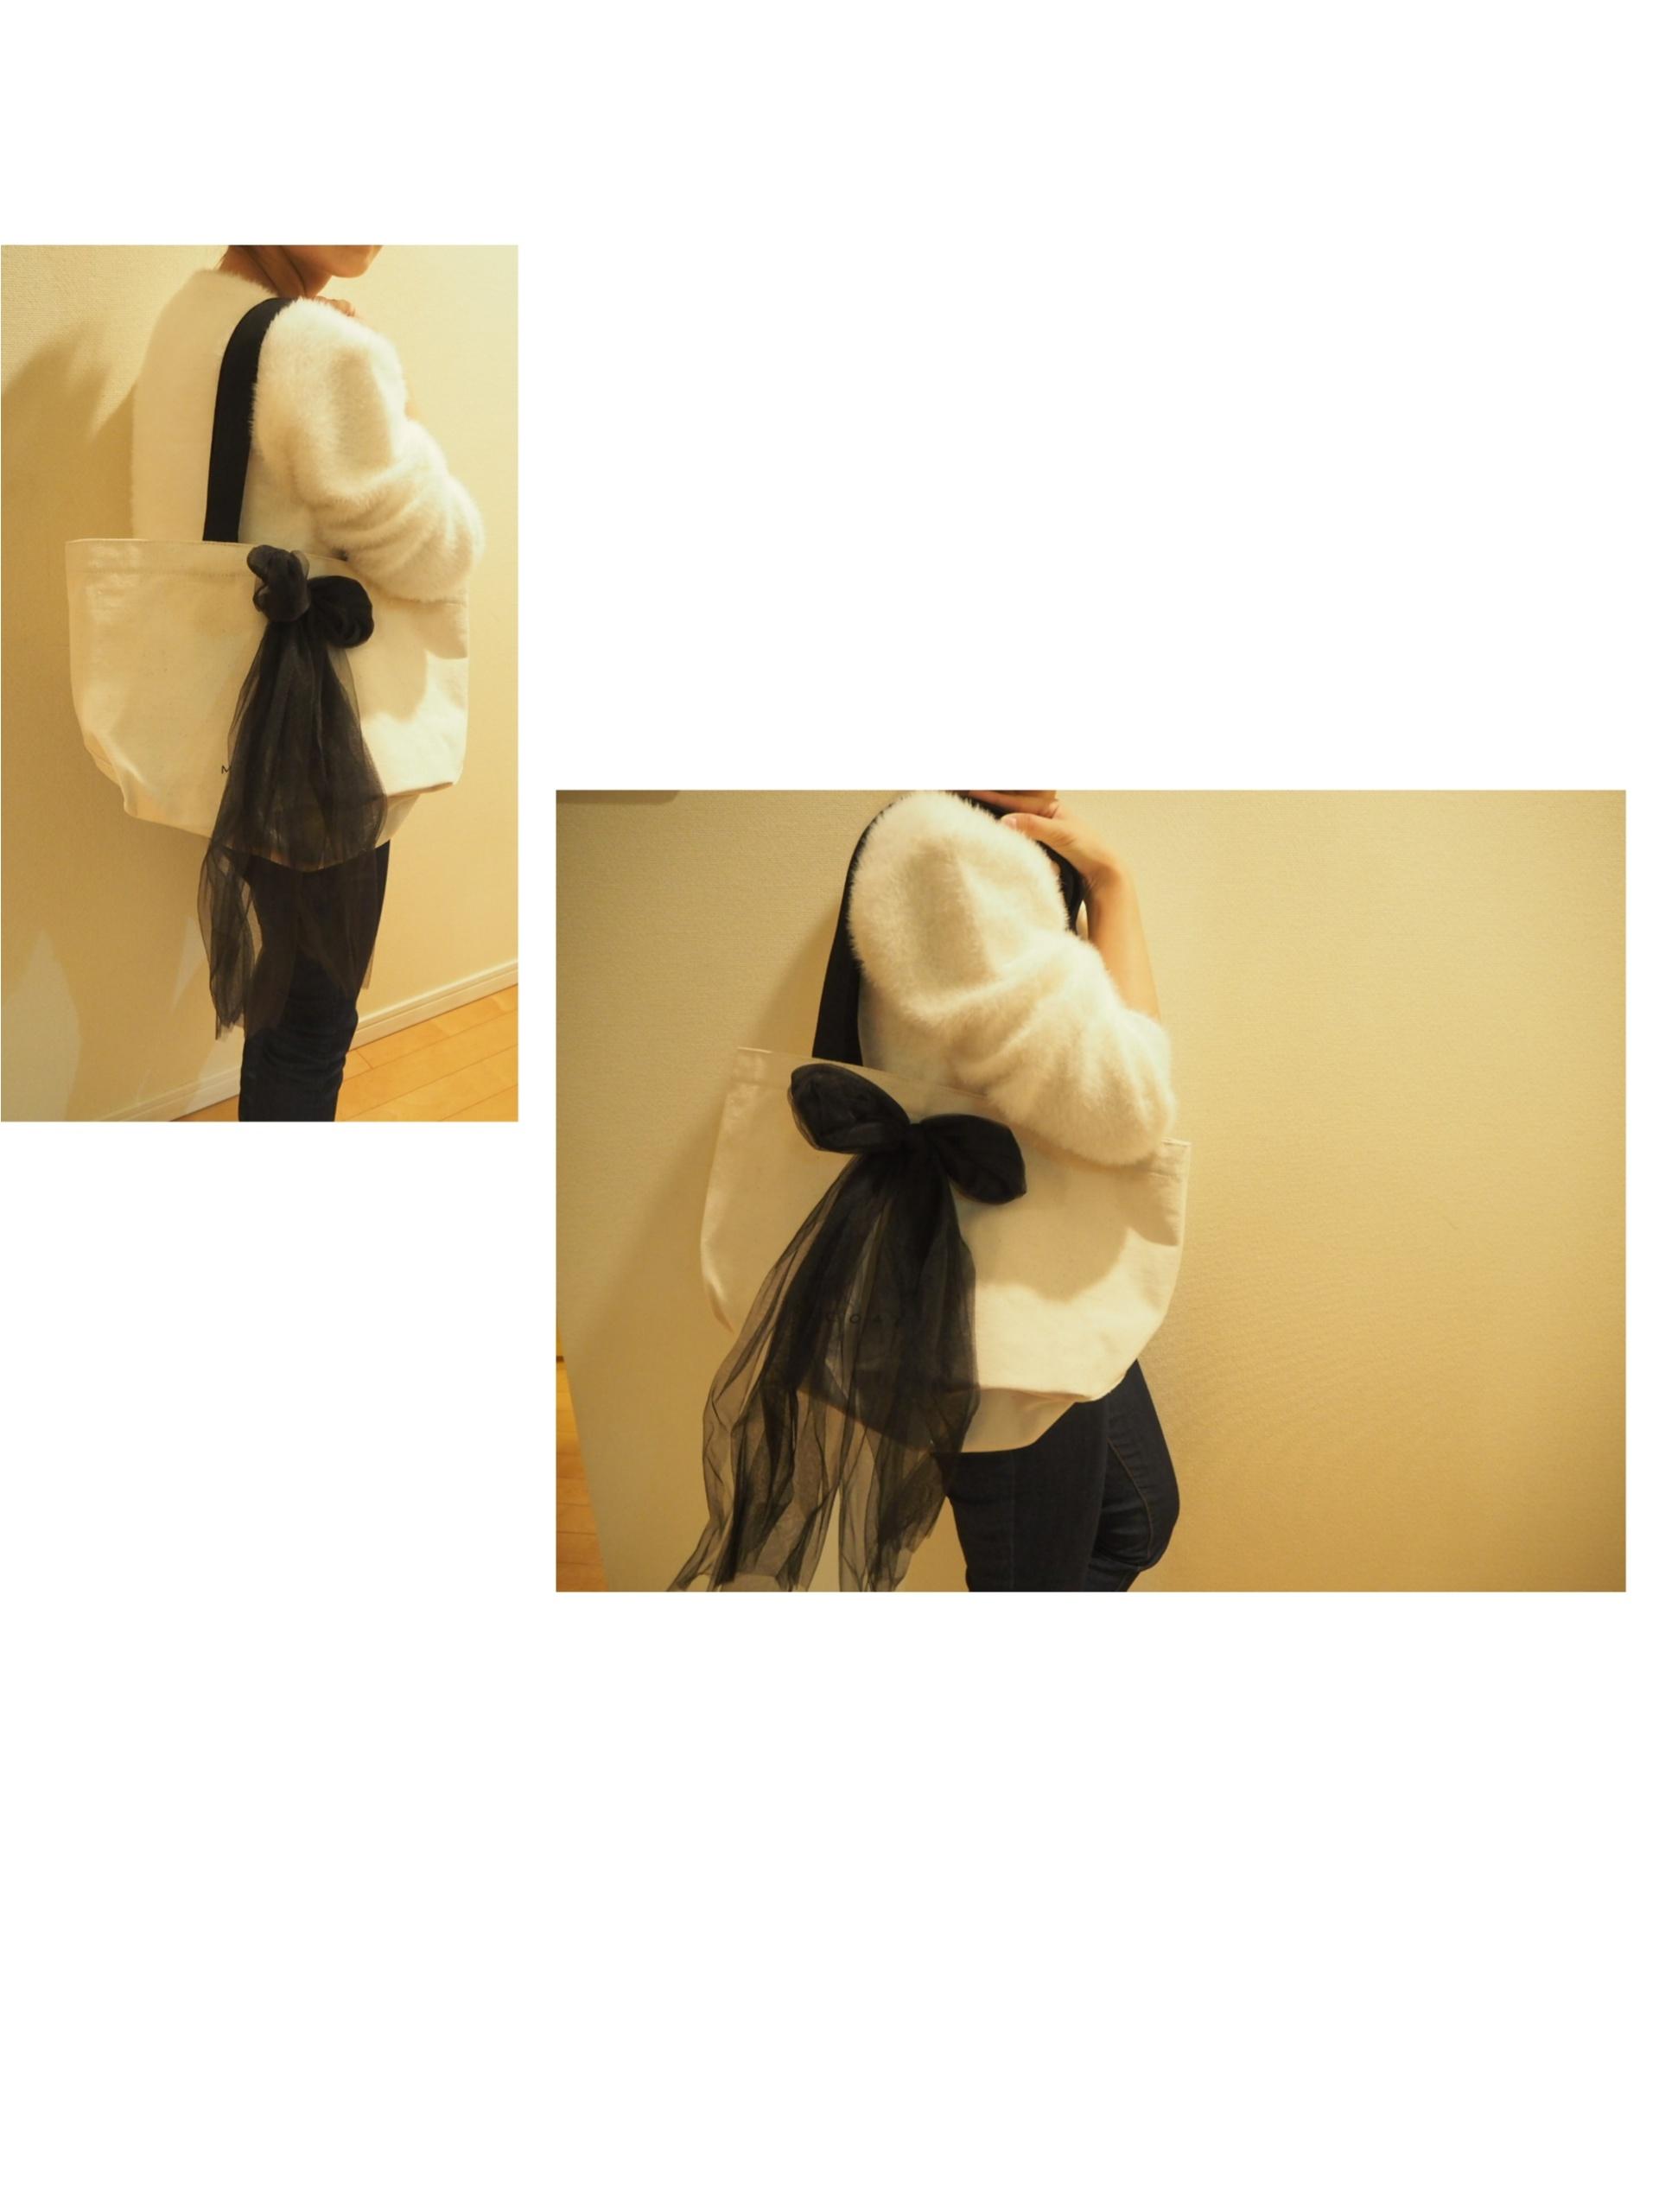 くみっきープロデュースブランド「MICOAMERI(ミコアメリ)」の福袋が可愛い!_6